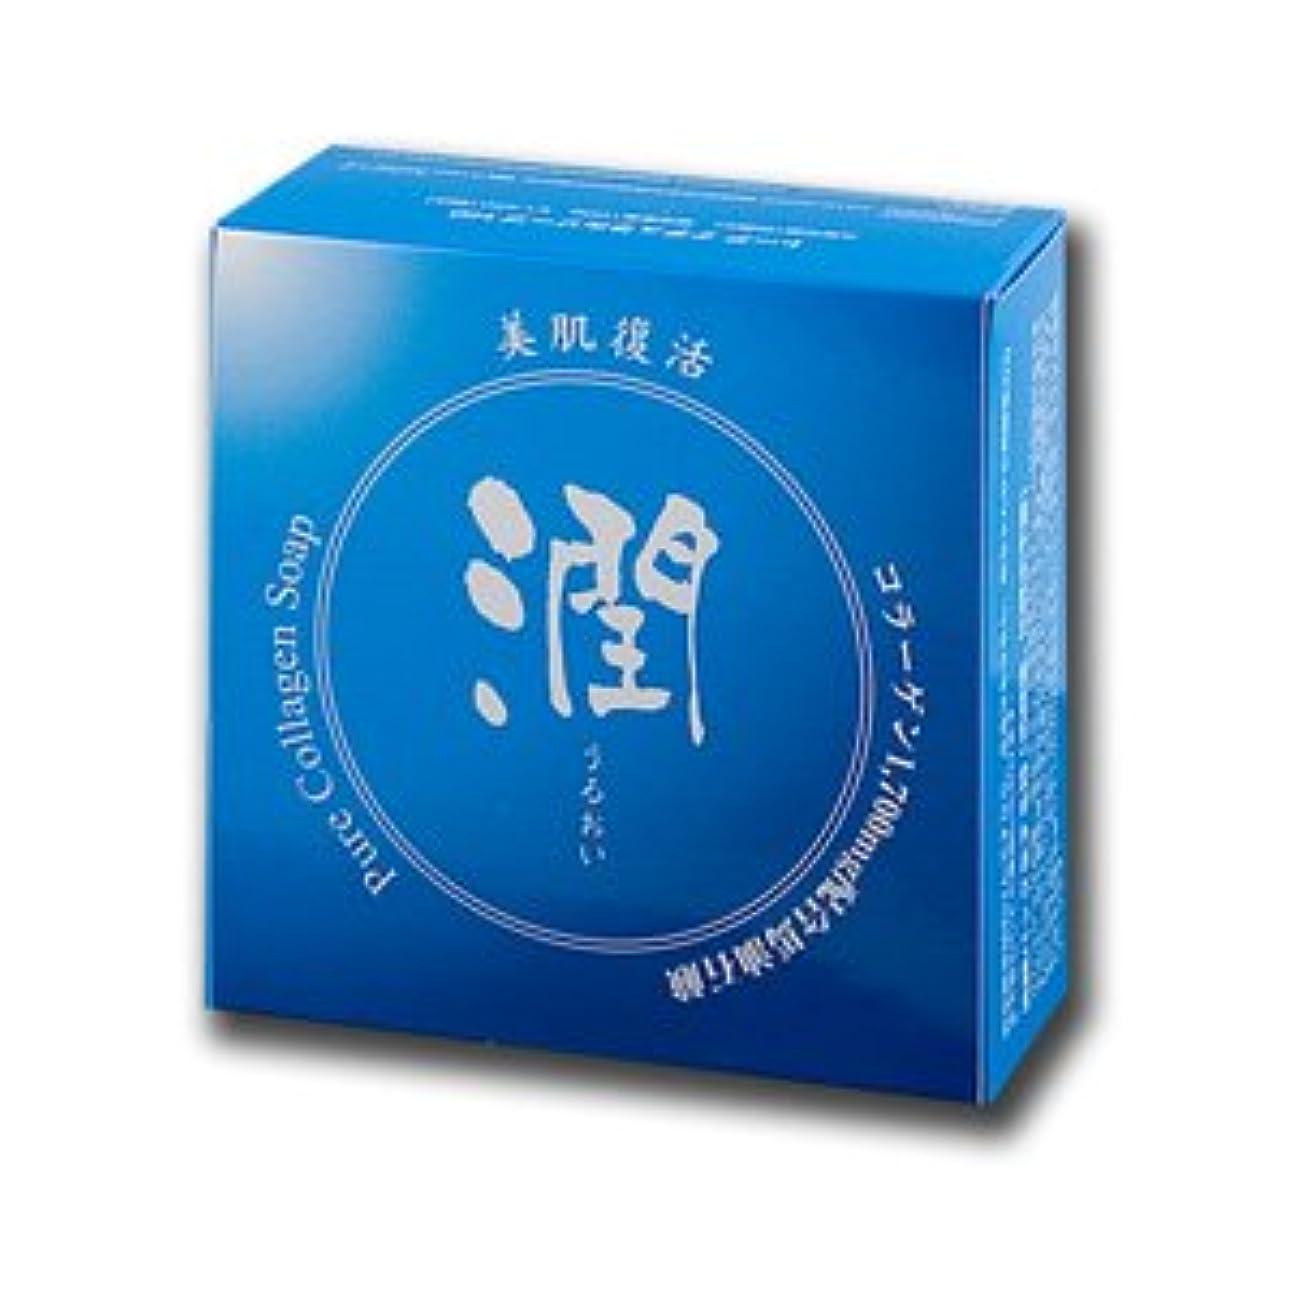 香港意味する虫を数えるコラーゲン馬油石鹸 潤 100g (#800410) ×10個セット